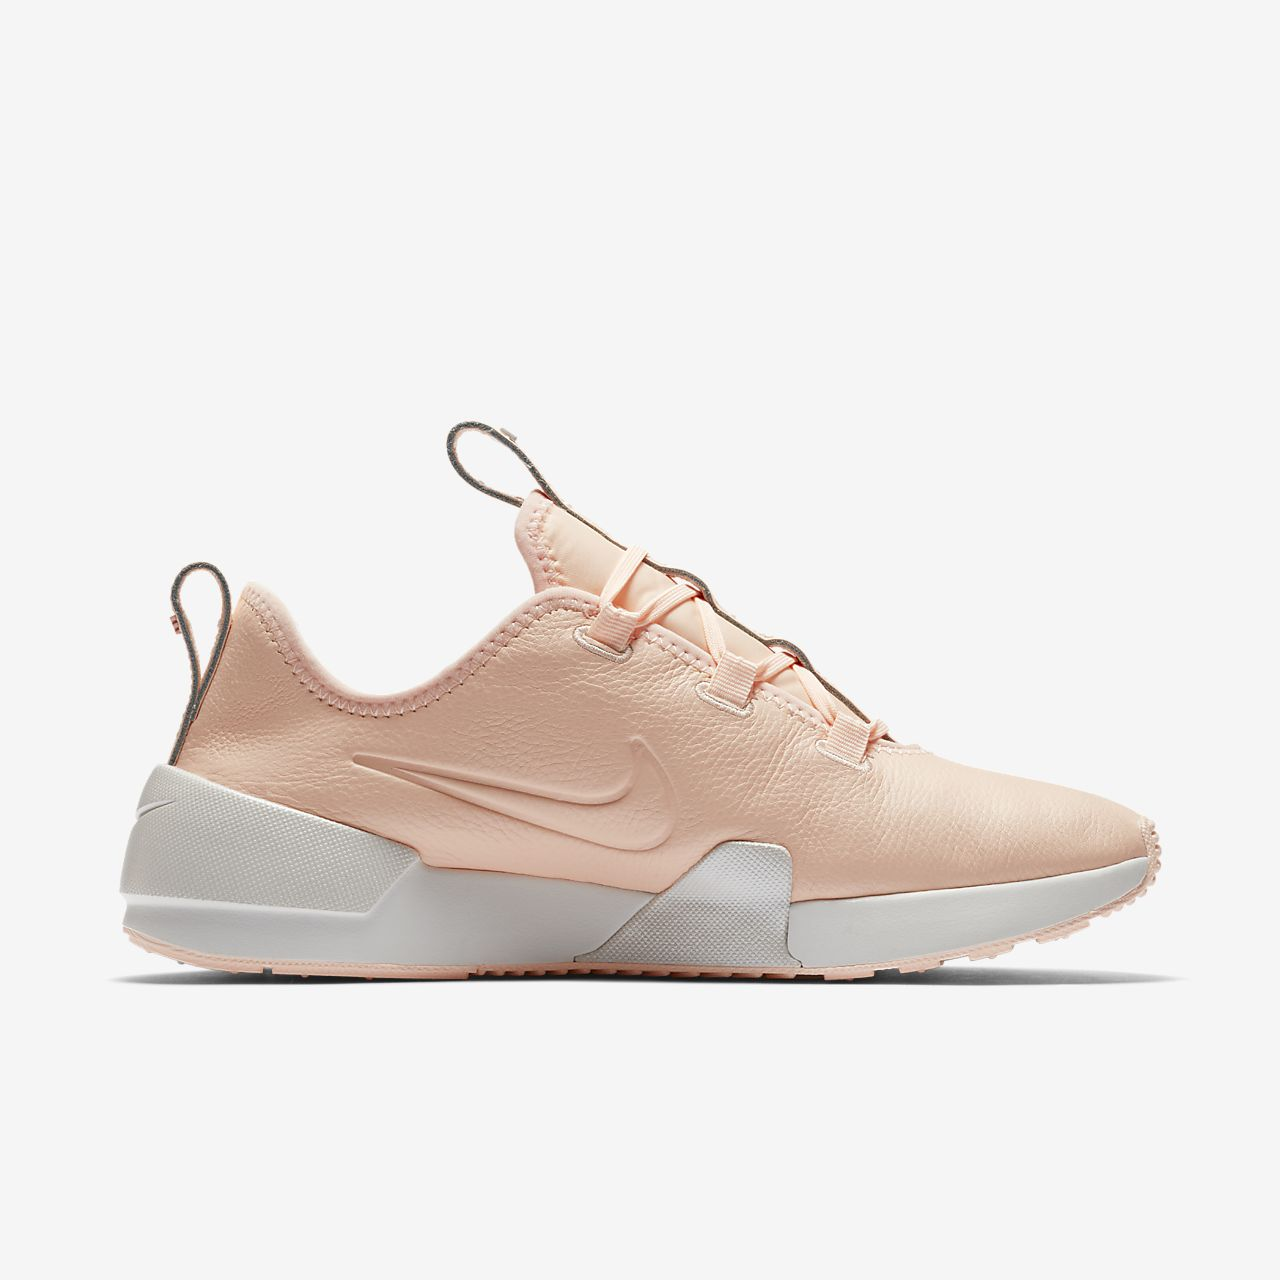 NIKE W Nike Ashin Modern Lx AJ8798-800 CRIMSON TINT Size 8.5